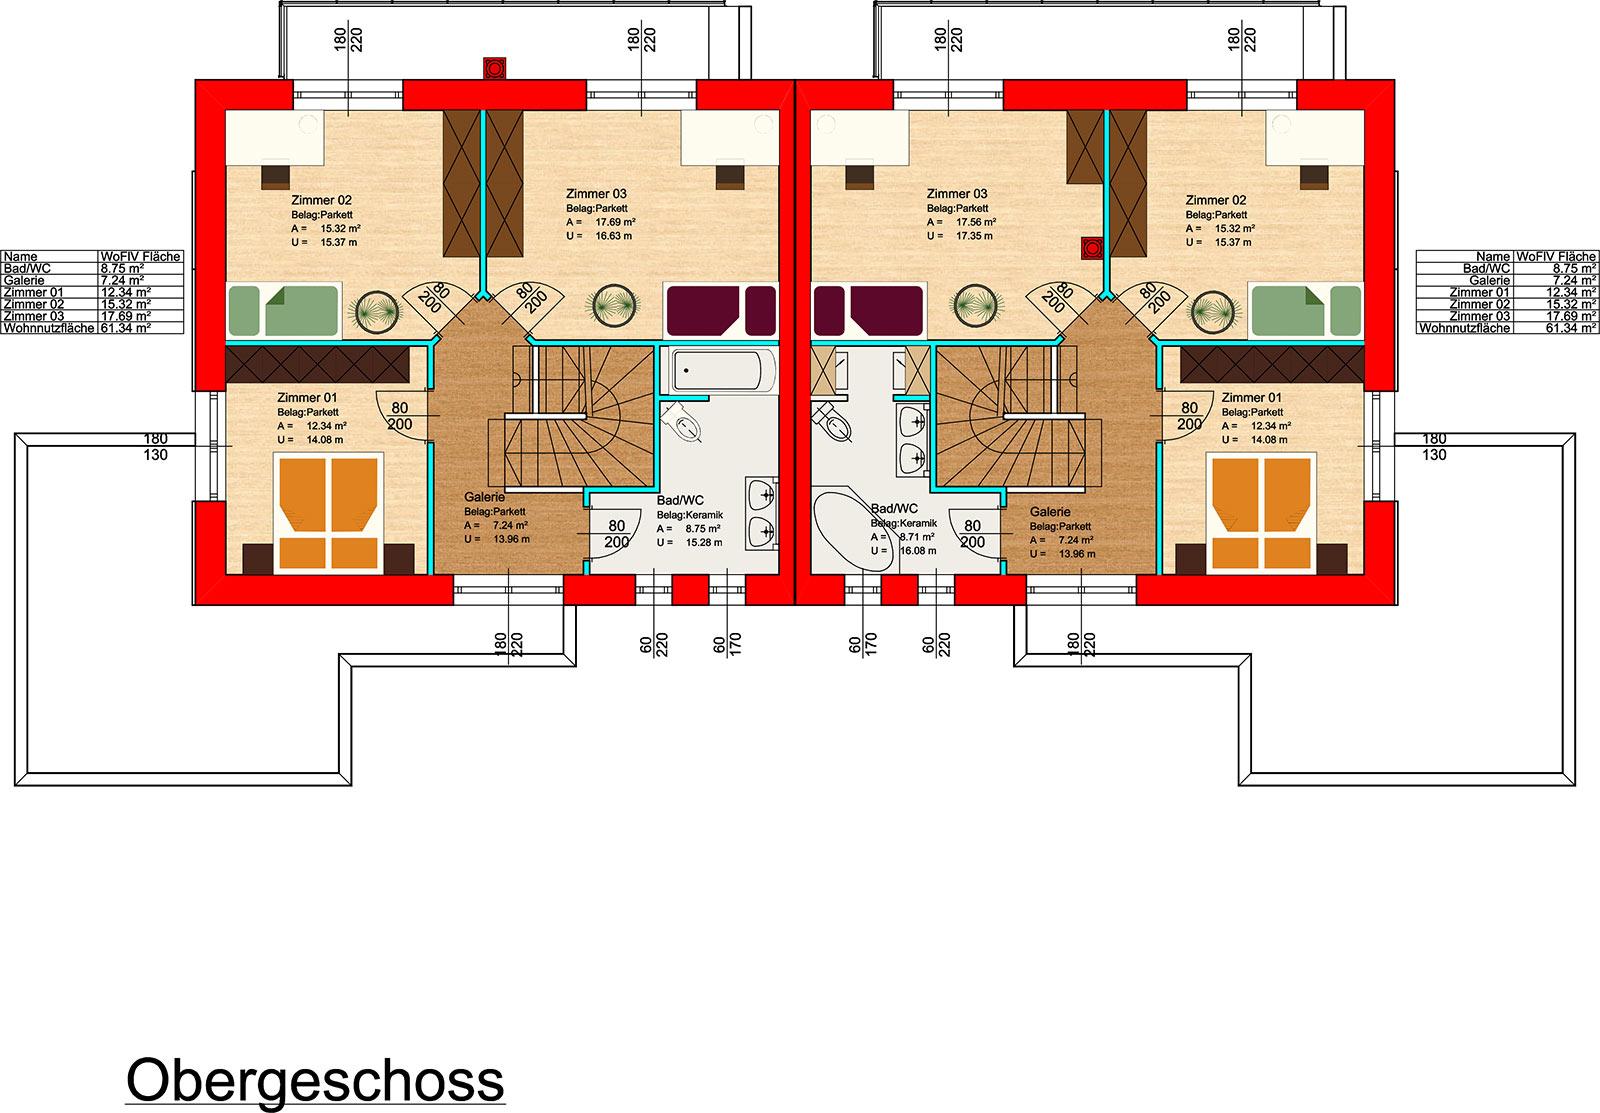 Gresten-Obergeschoss